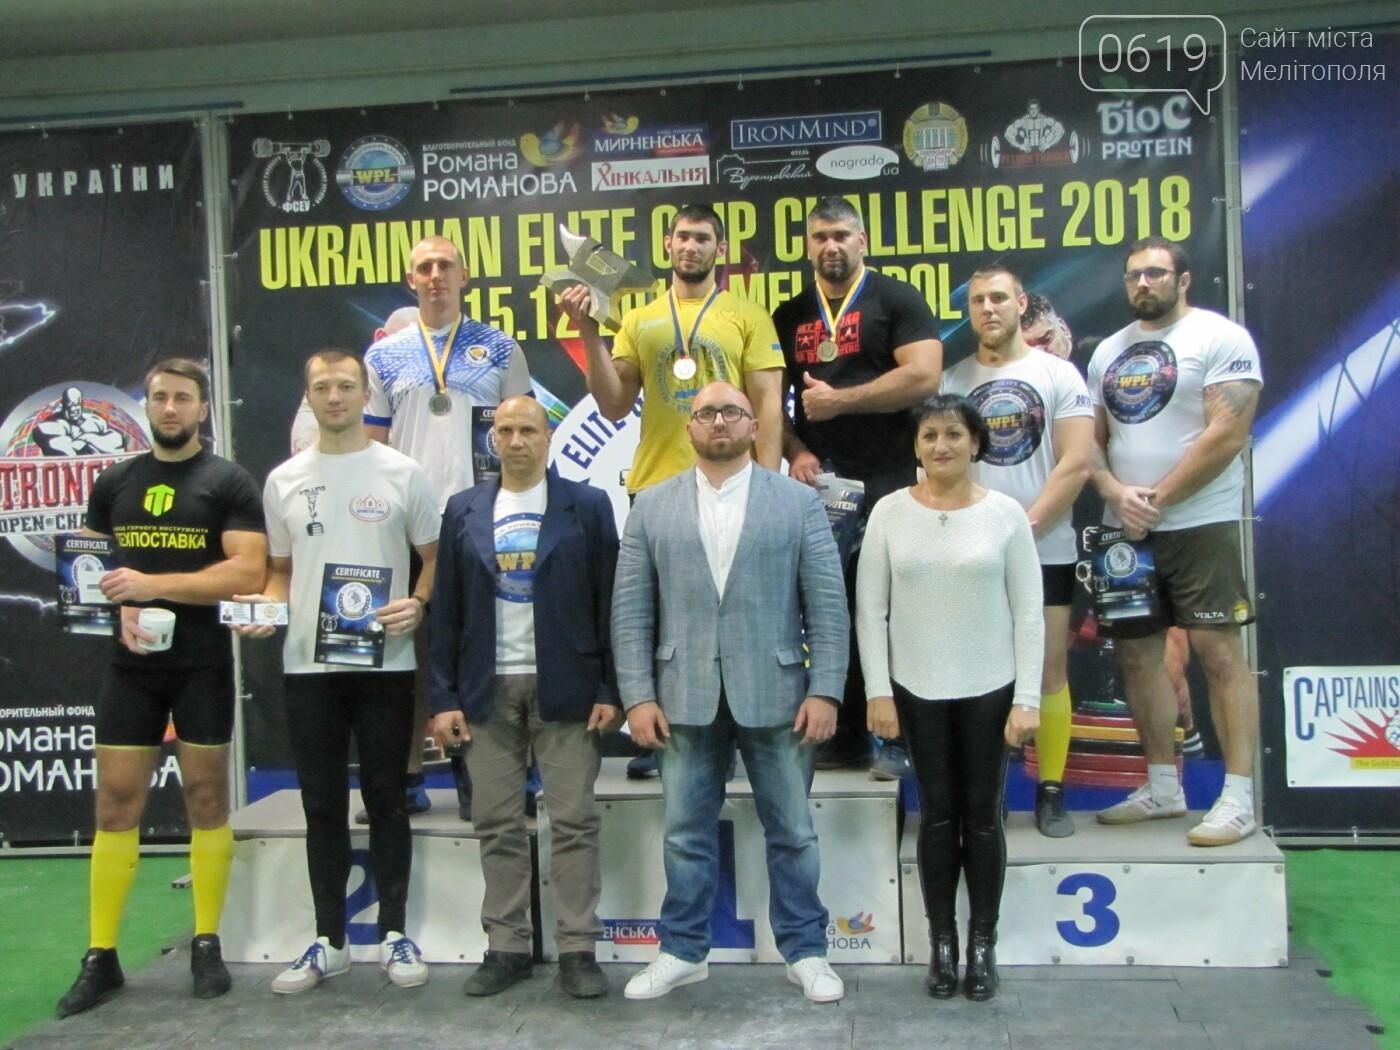 В Мелитополе сильнейшие атлеты соревновались в силе хвата, фото-15